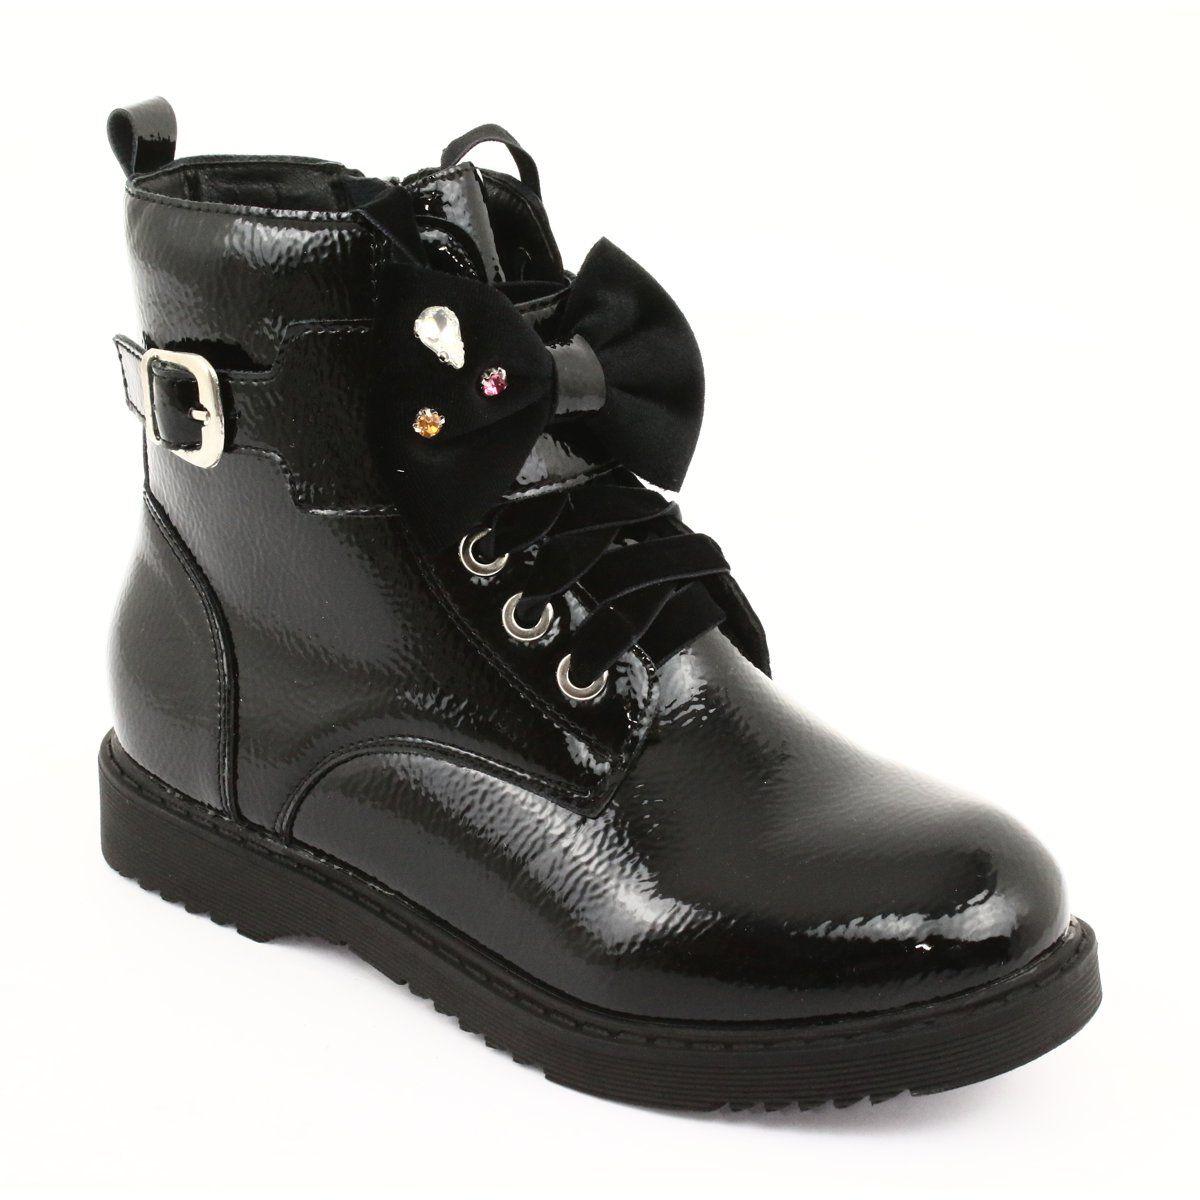 Glany Lakierowane Kokarda Cyrkonie Evento 1432 Czarne Boots Childrens Boots Kid Shoes